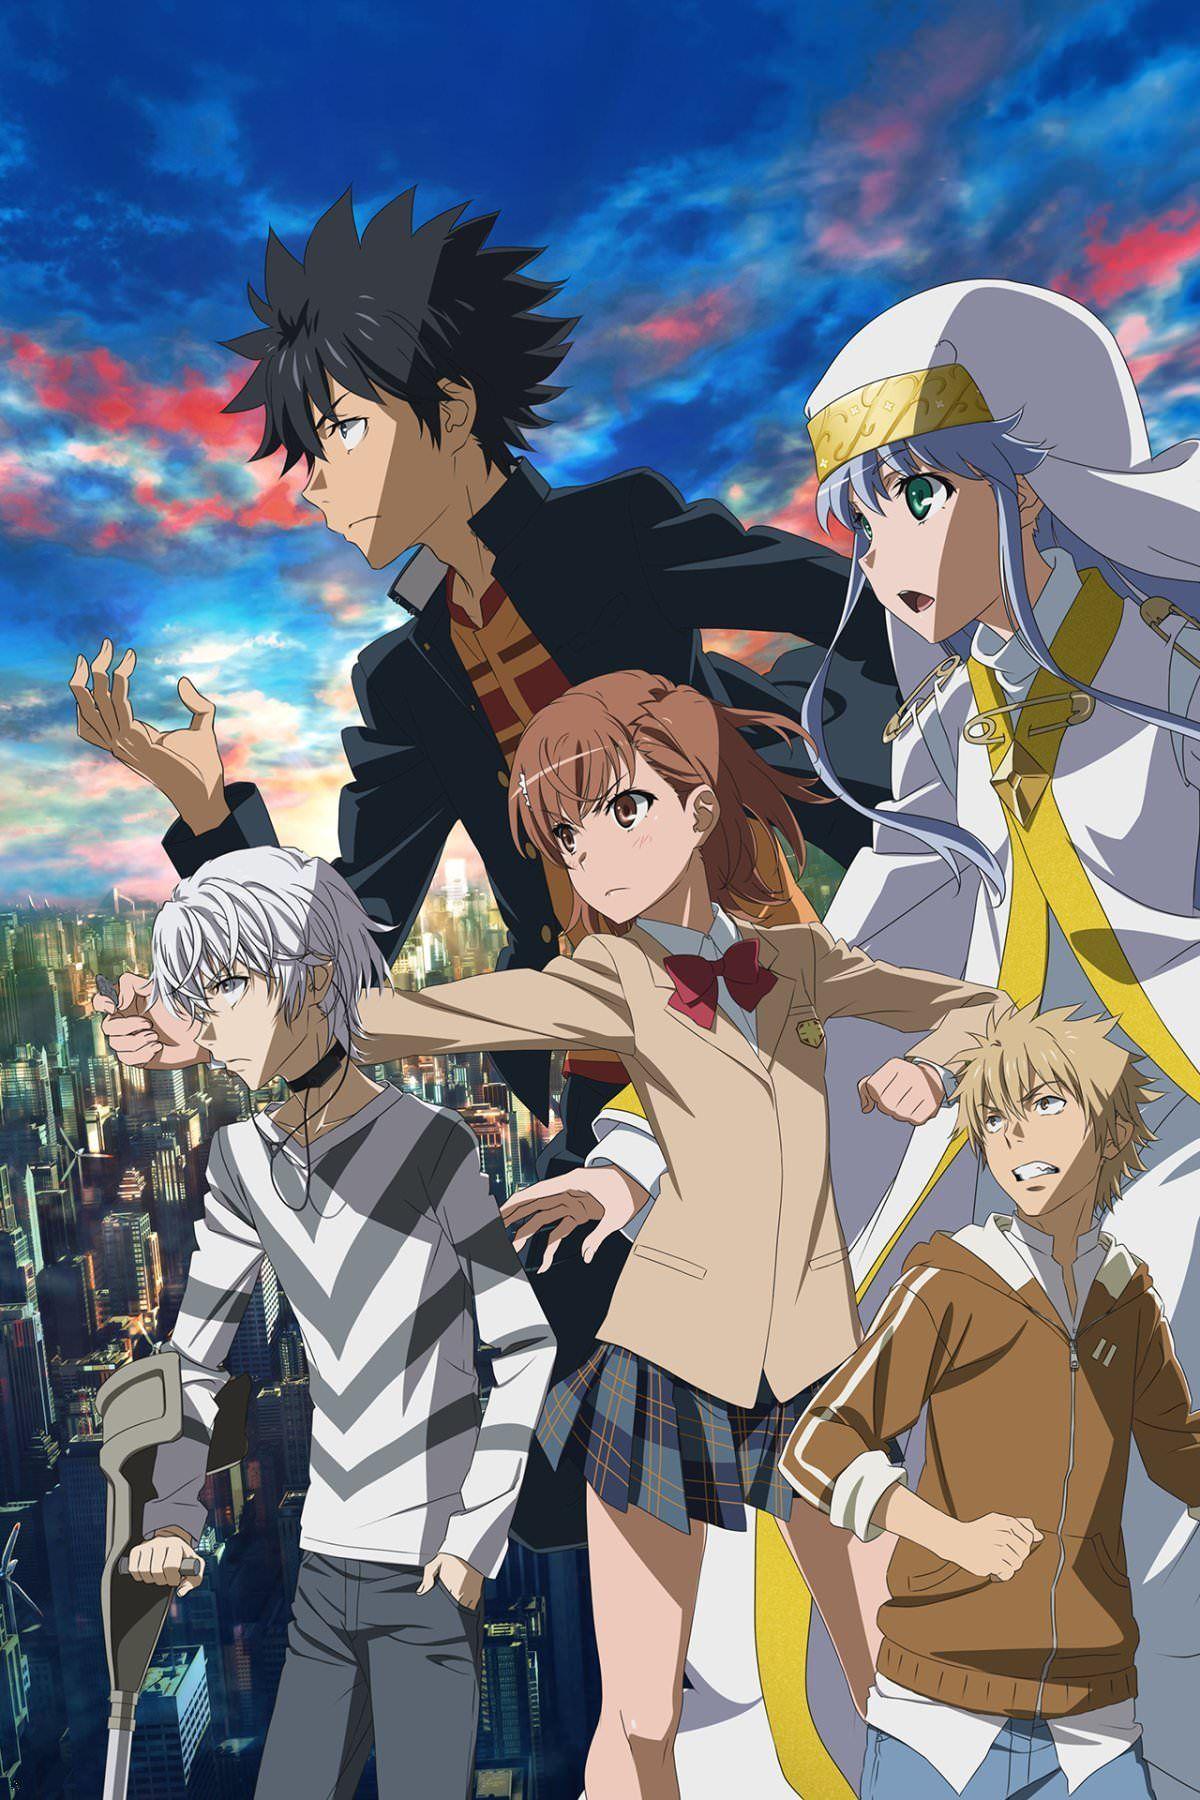 ปักพินโดย anime cartoon ใน To Aru Majutsu No Index